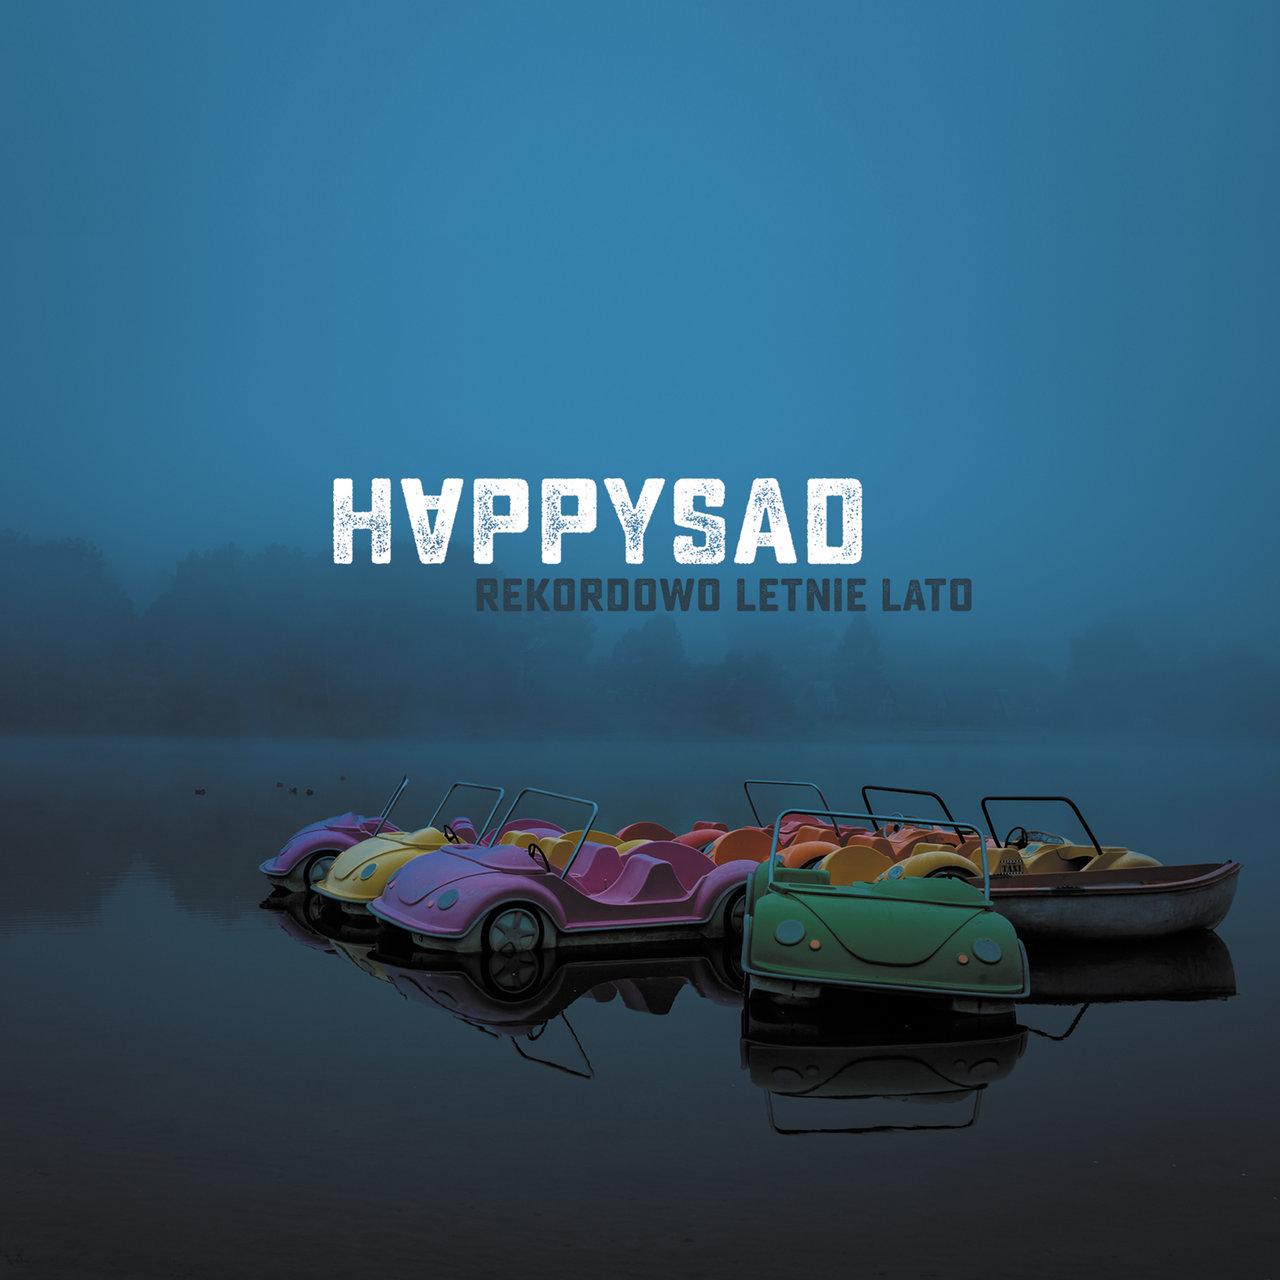 """Happysad – """"Rekordowo letnie lato"""" (recenzja)"""